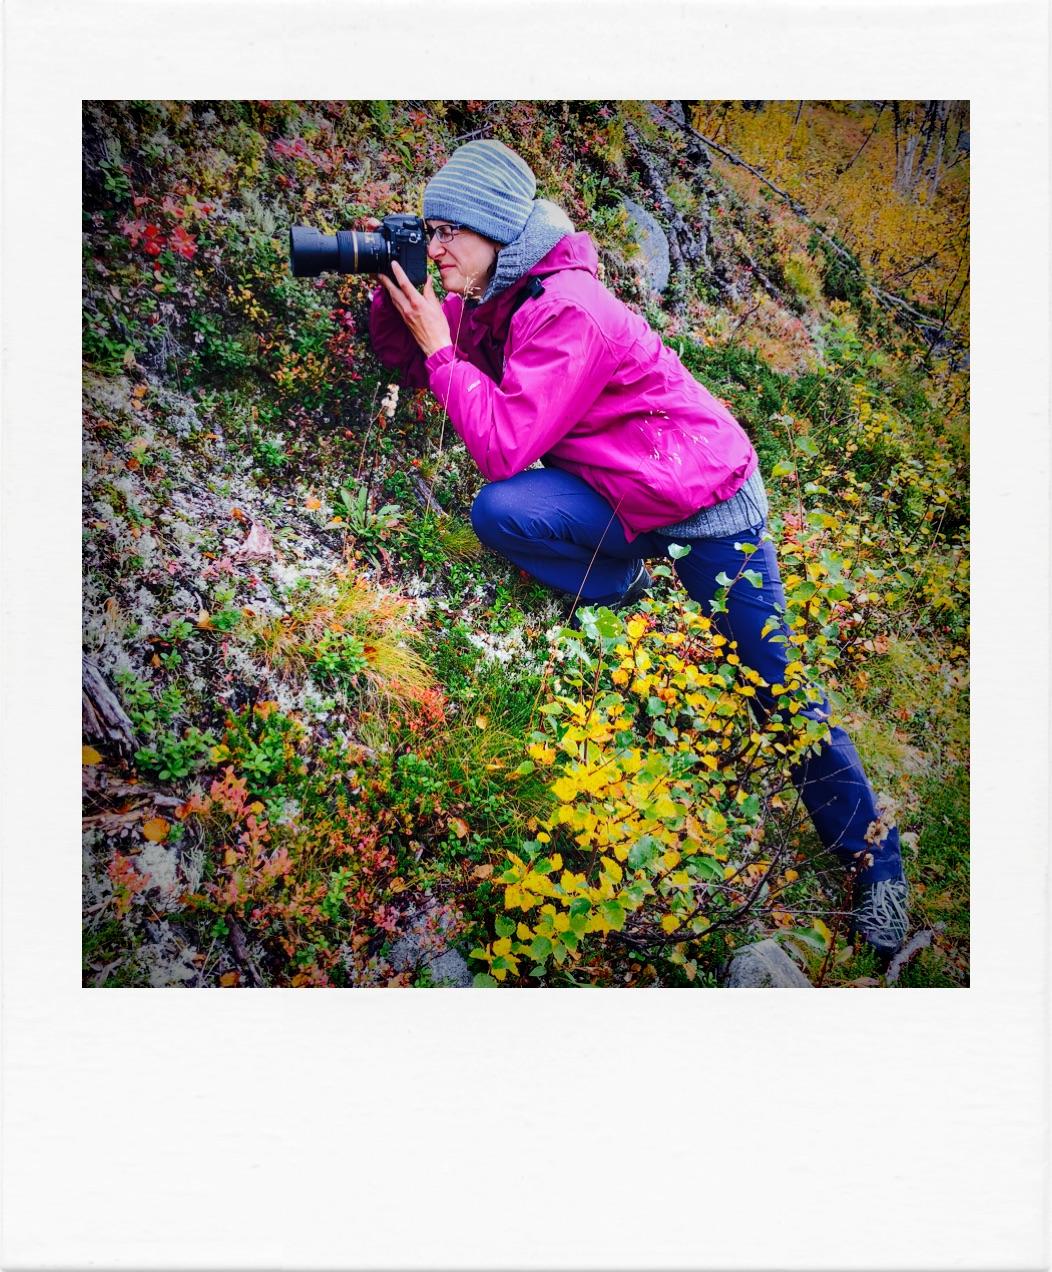 Fotografin nimmt kleine Büsche auf